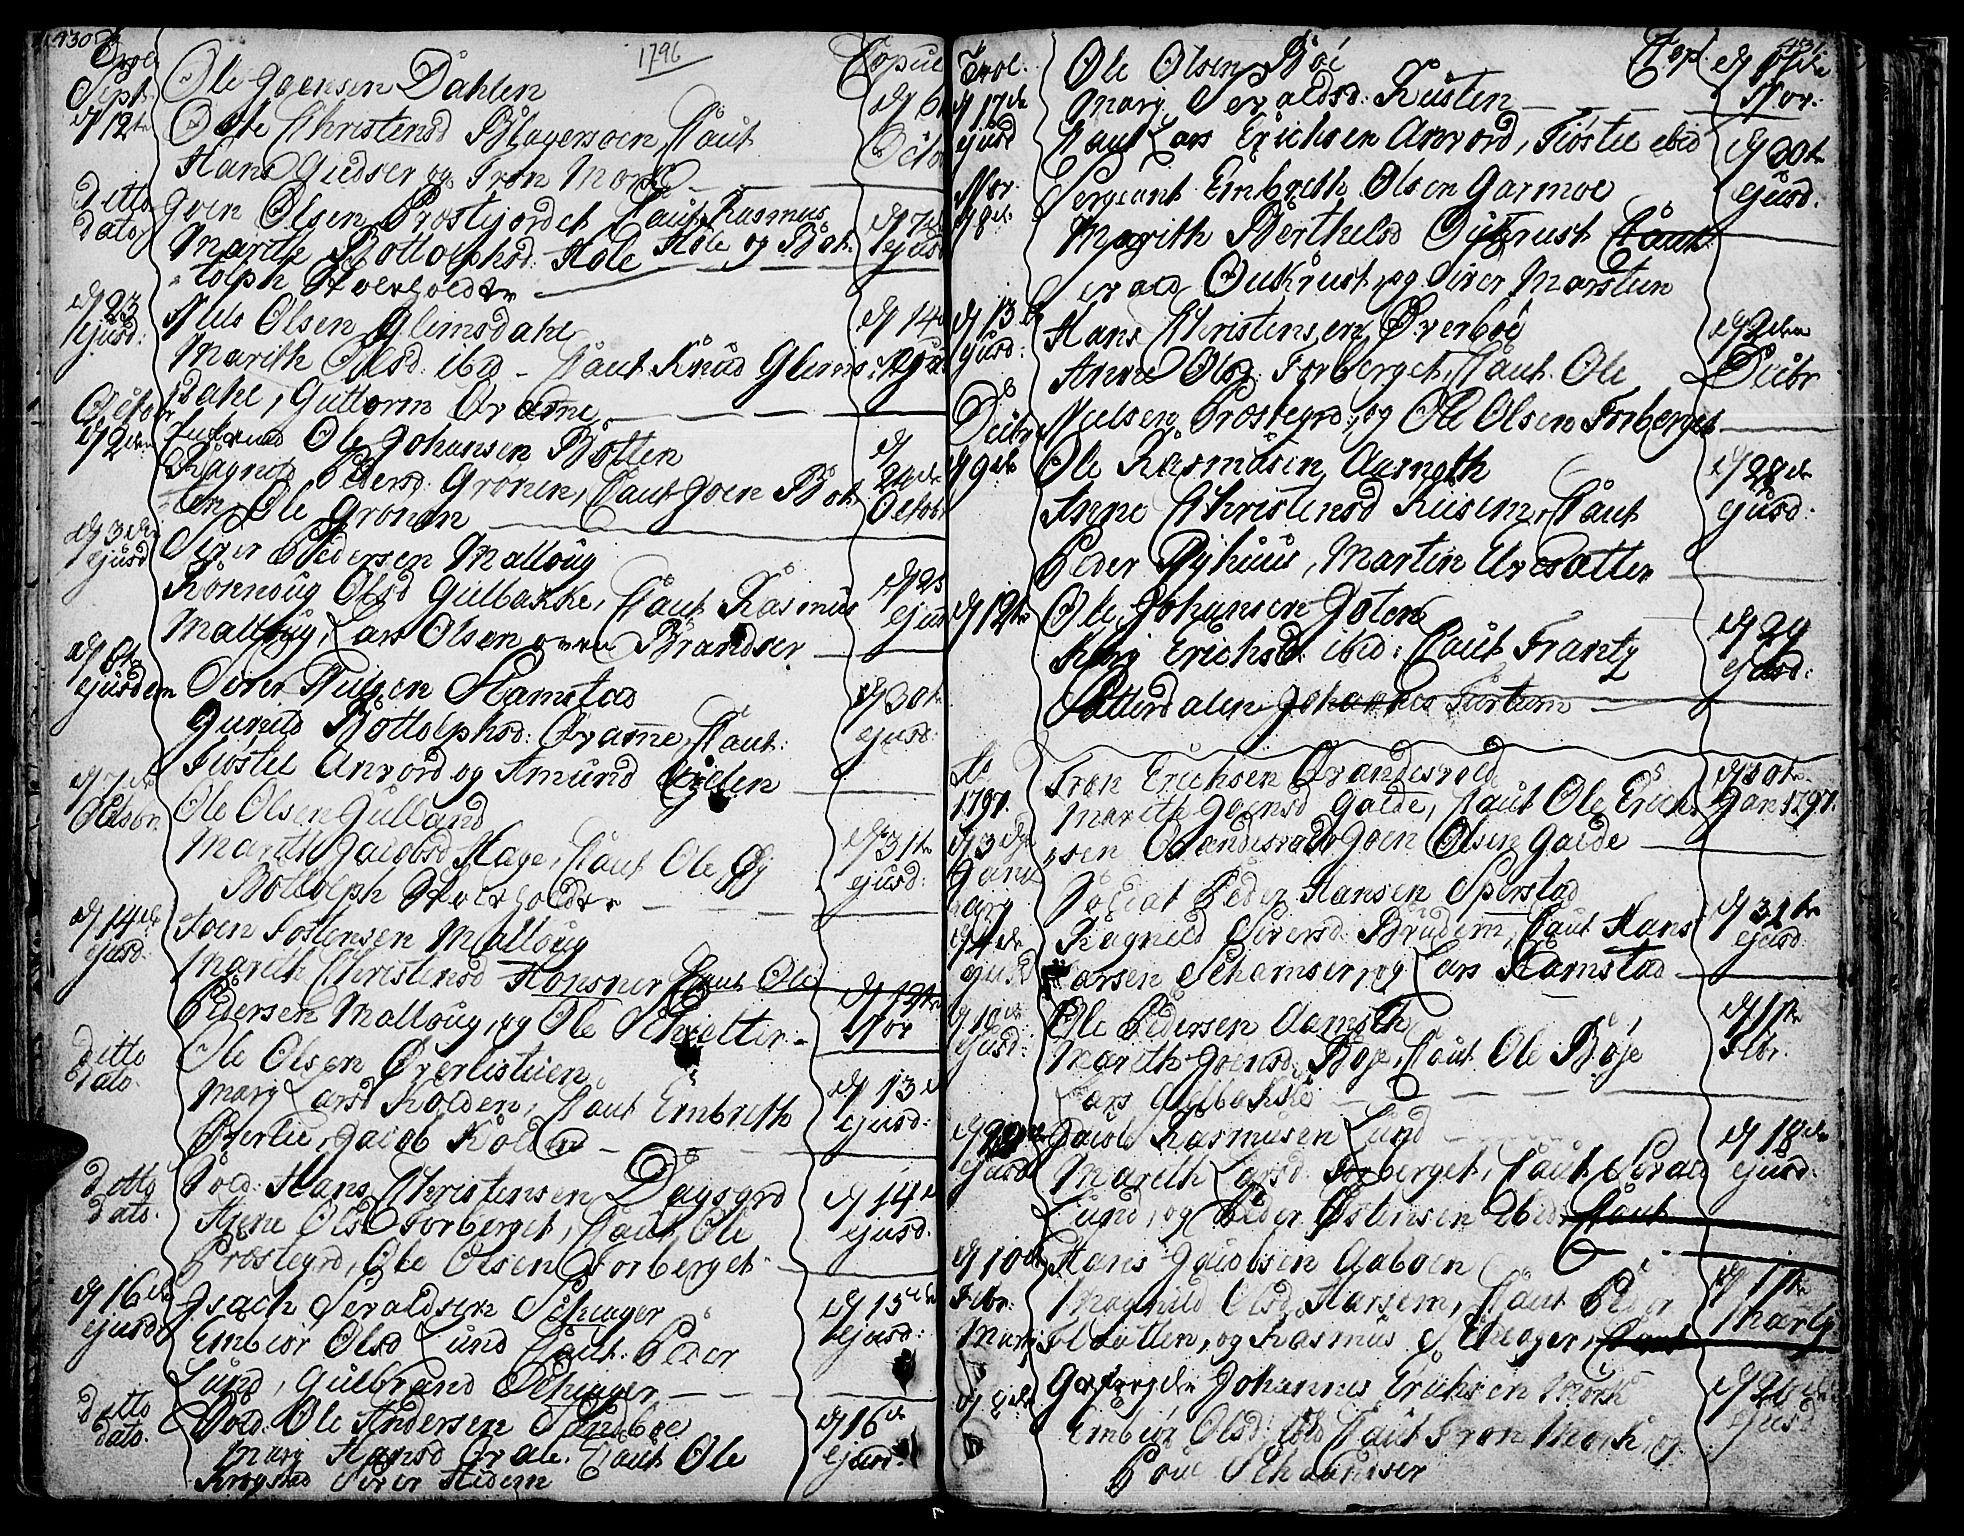 SAH, Lom prestekontor, K/L0002: Ministerialbok nr. 2, 1749-1801, s. 430-431